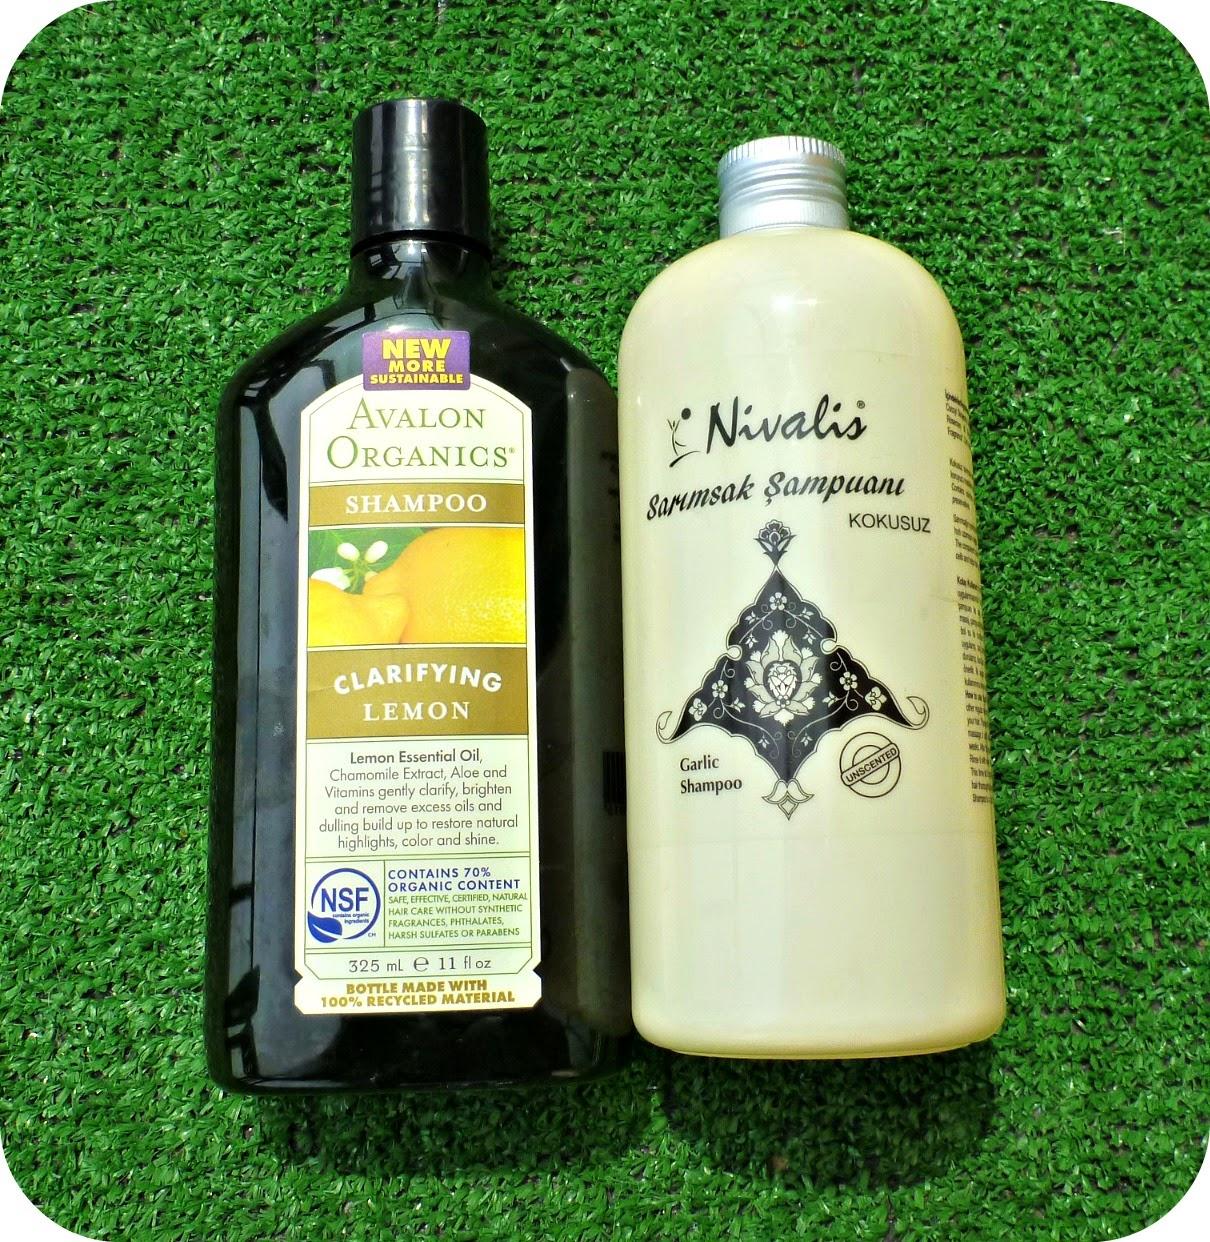 Dwa ciekawe, zagraniczne szampony z czerwcowego denka